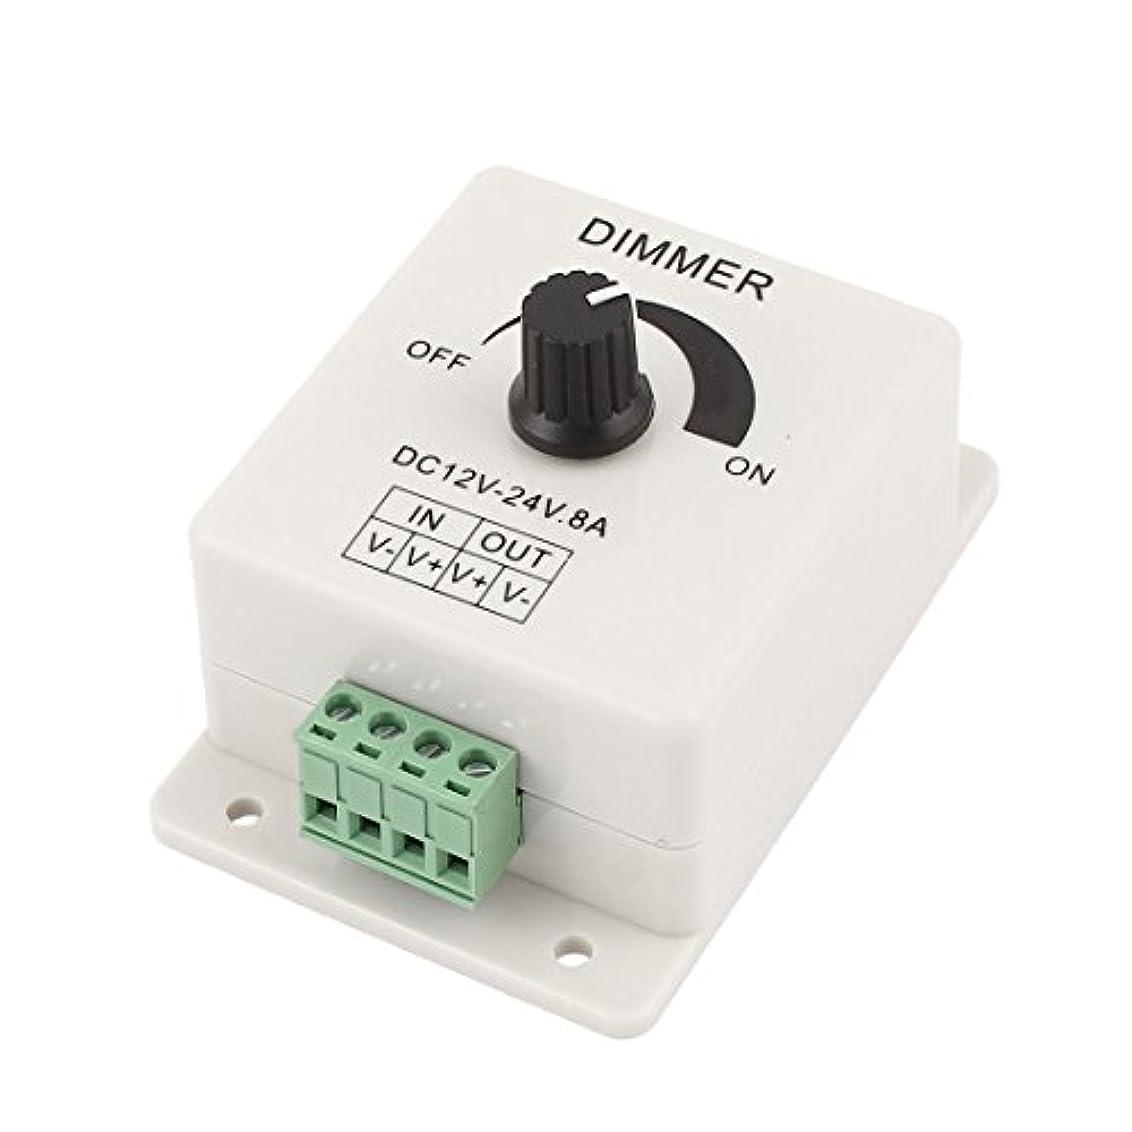 キャベツ運命的な同種のuxcell LED ライトディマー DC12V-24V 8A 89 x 60 x 50mm 調光器 プラスチック